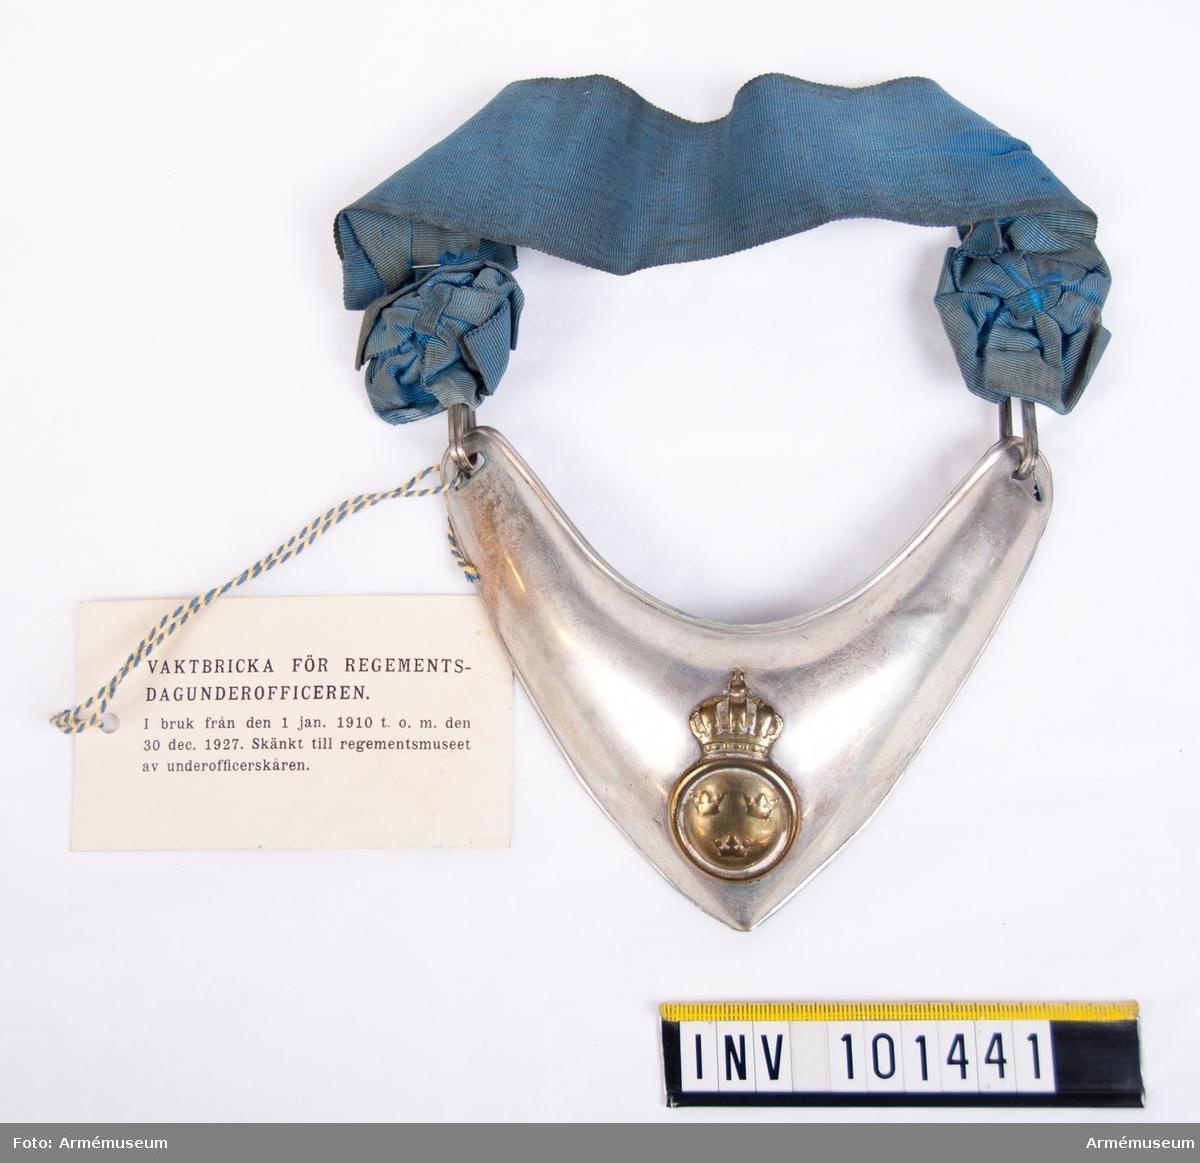 Dagbricka m/1799 för regementsdagunderofficer.